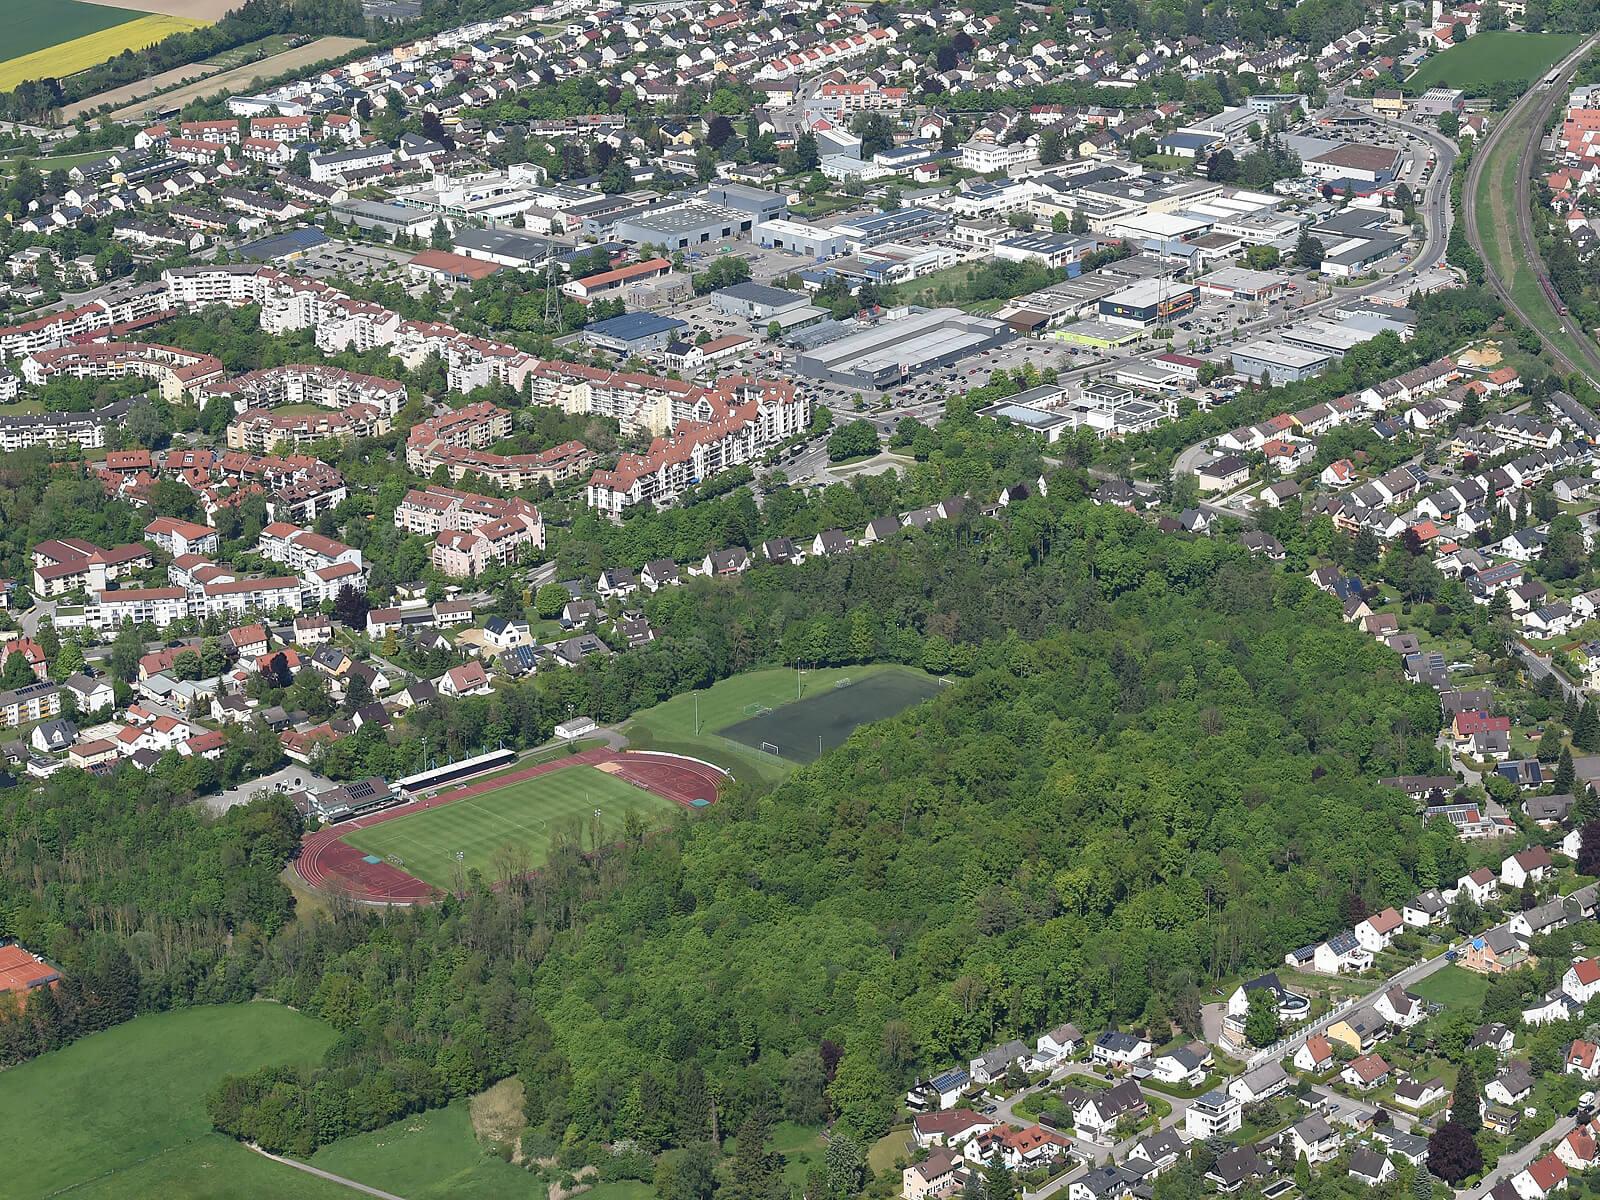 Luftbild vom Lohwald und angrenzenden Lohwaldstadion. Foto: Marcus Merk.